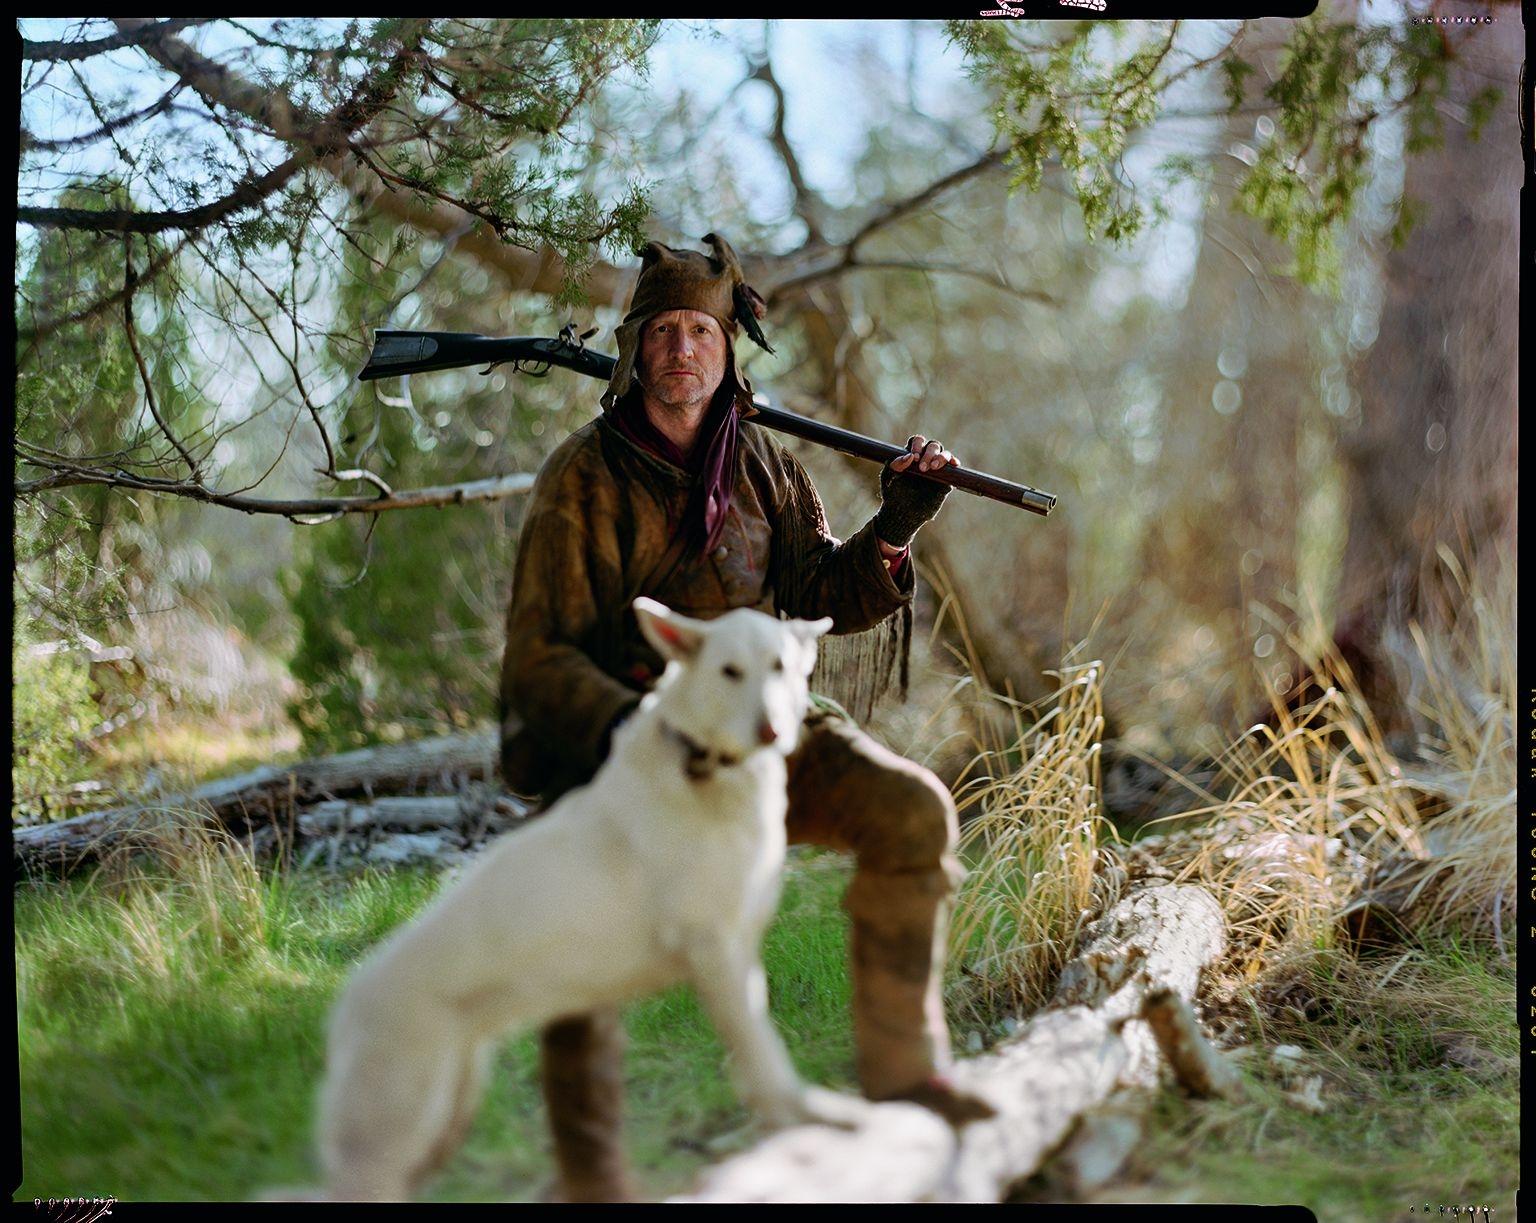 史考特.歐爾森是來自蒙大拿州第隆市的牙醫。他參加獸皮獵人活動時的代號是「象牙醫生」。圖中,醫生正和他的狗「烏姆」出發去檢查設在蒙大拿州紅寶石谷冰冷溪流中的河狸陷阱。攝影:大衛.柏內特 DAVID BURNETT